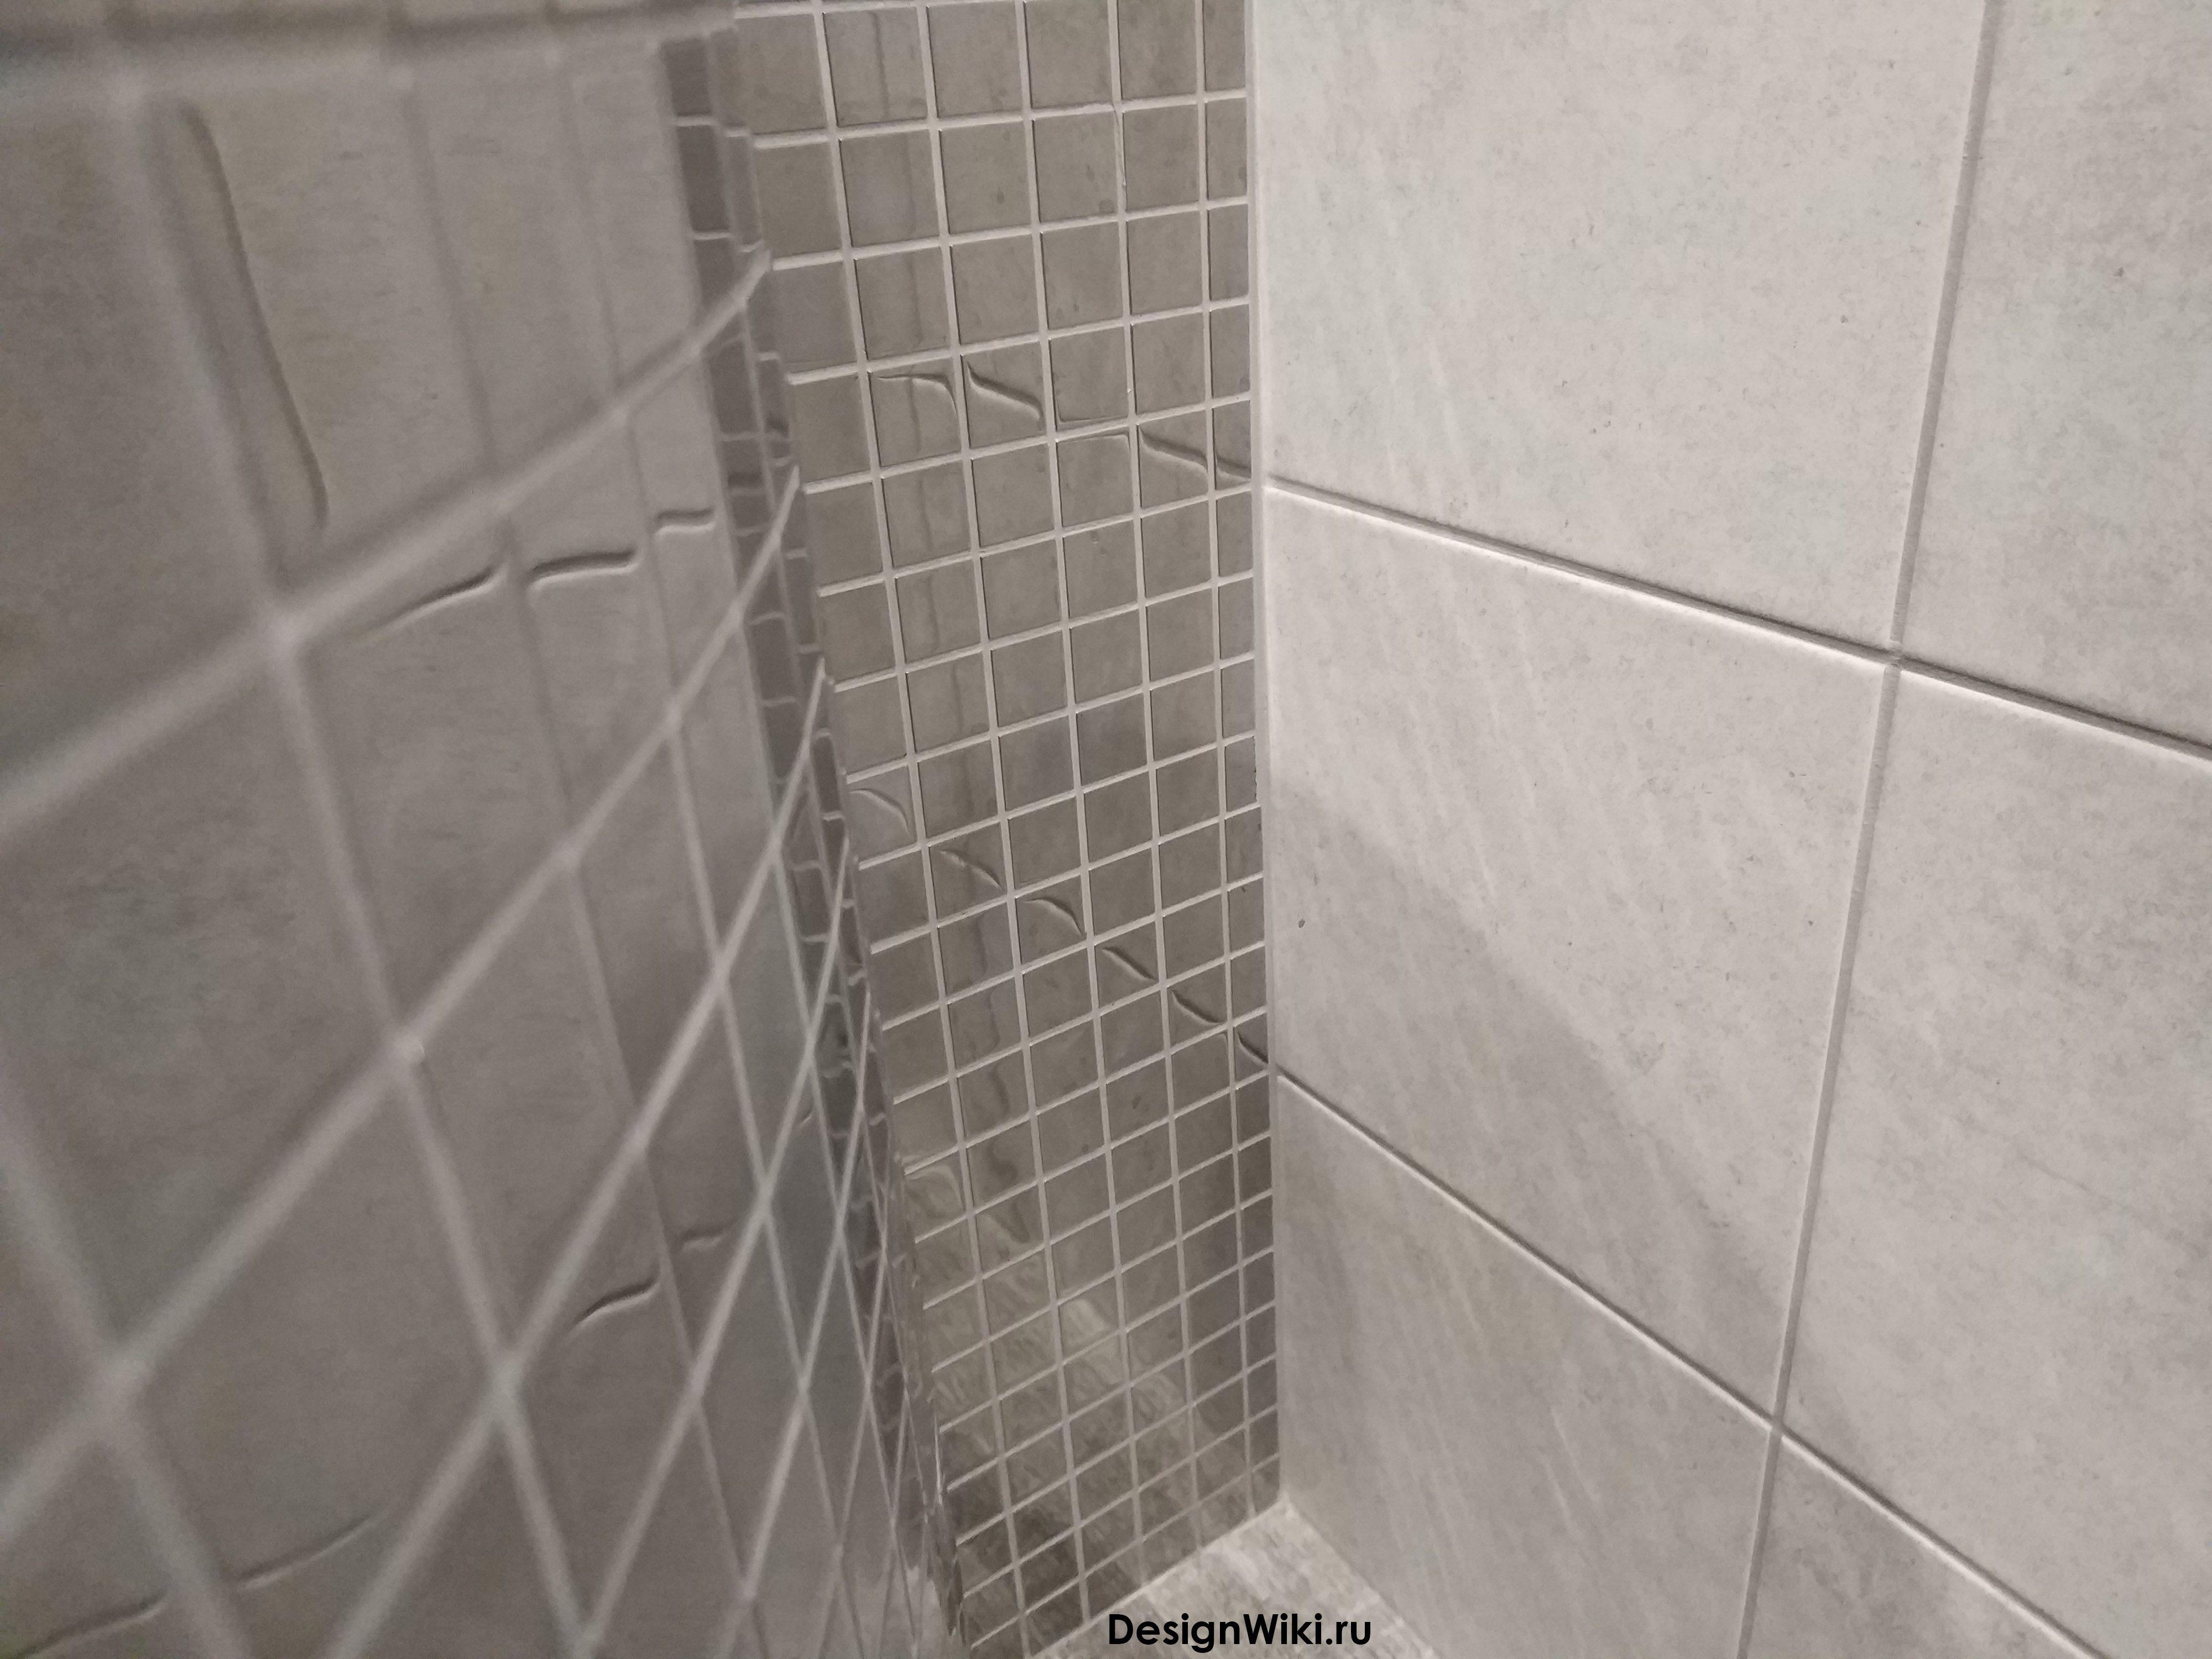 Виды влагостойких затирок для швов плитки в ванной комнате